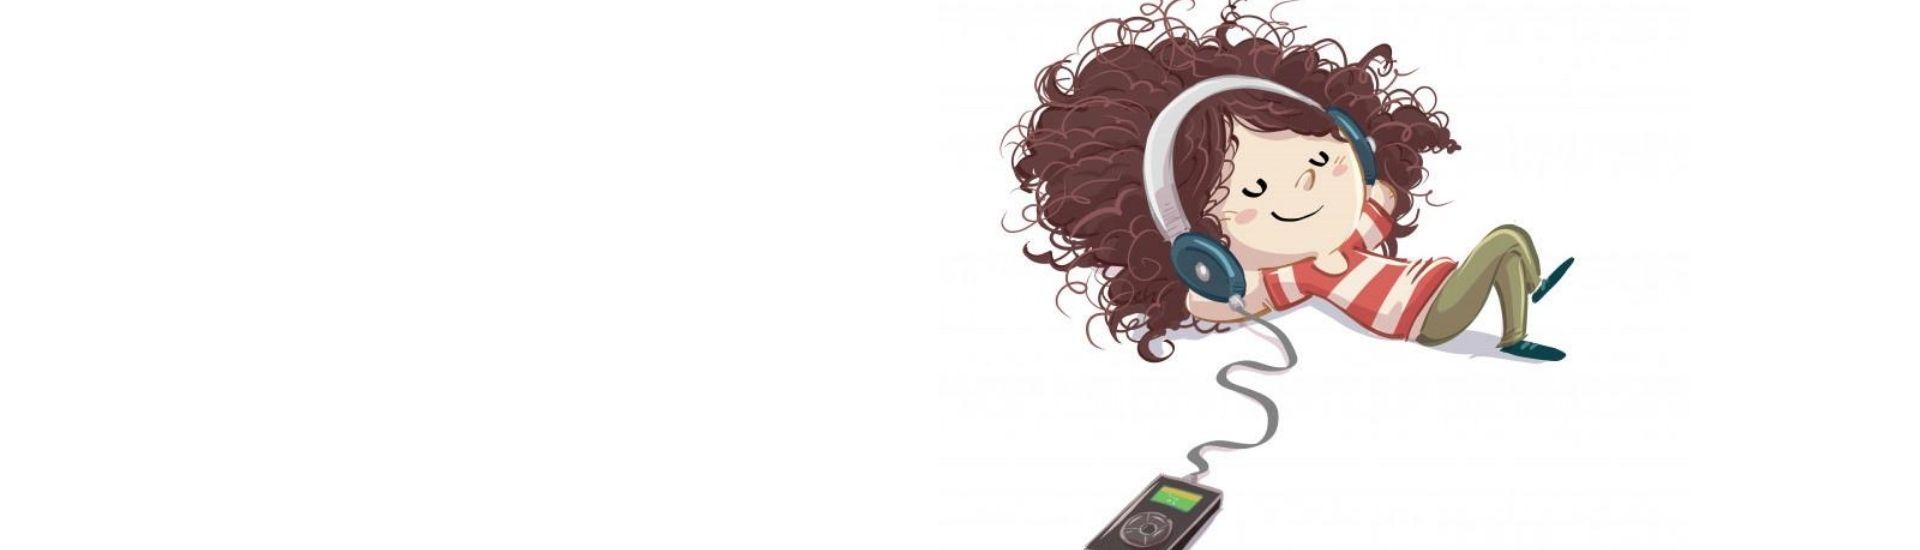 Ilustracion de una niña relajada y concentrada escuchando podcast